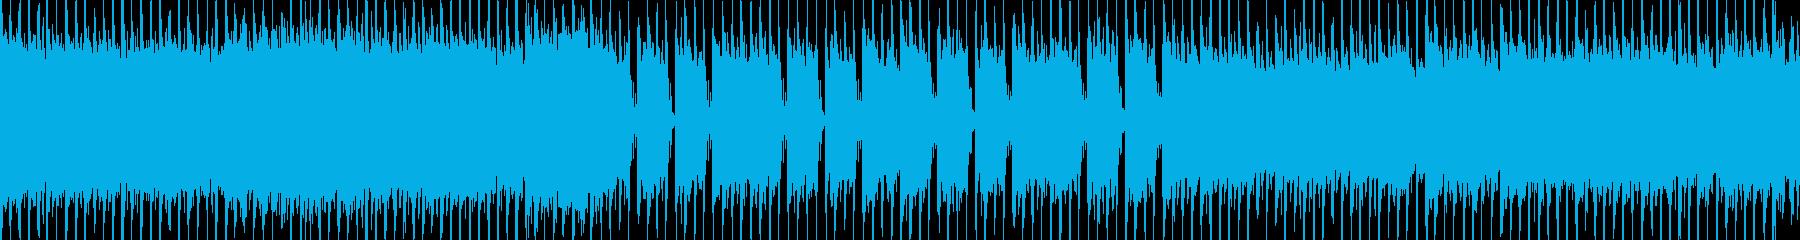 爽やか/アコースティックギター ループ版の再生済みの波形